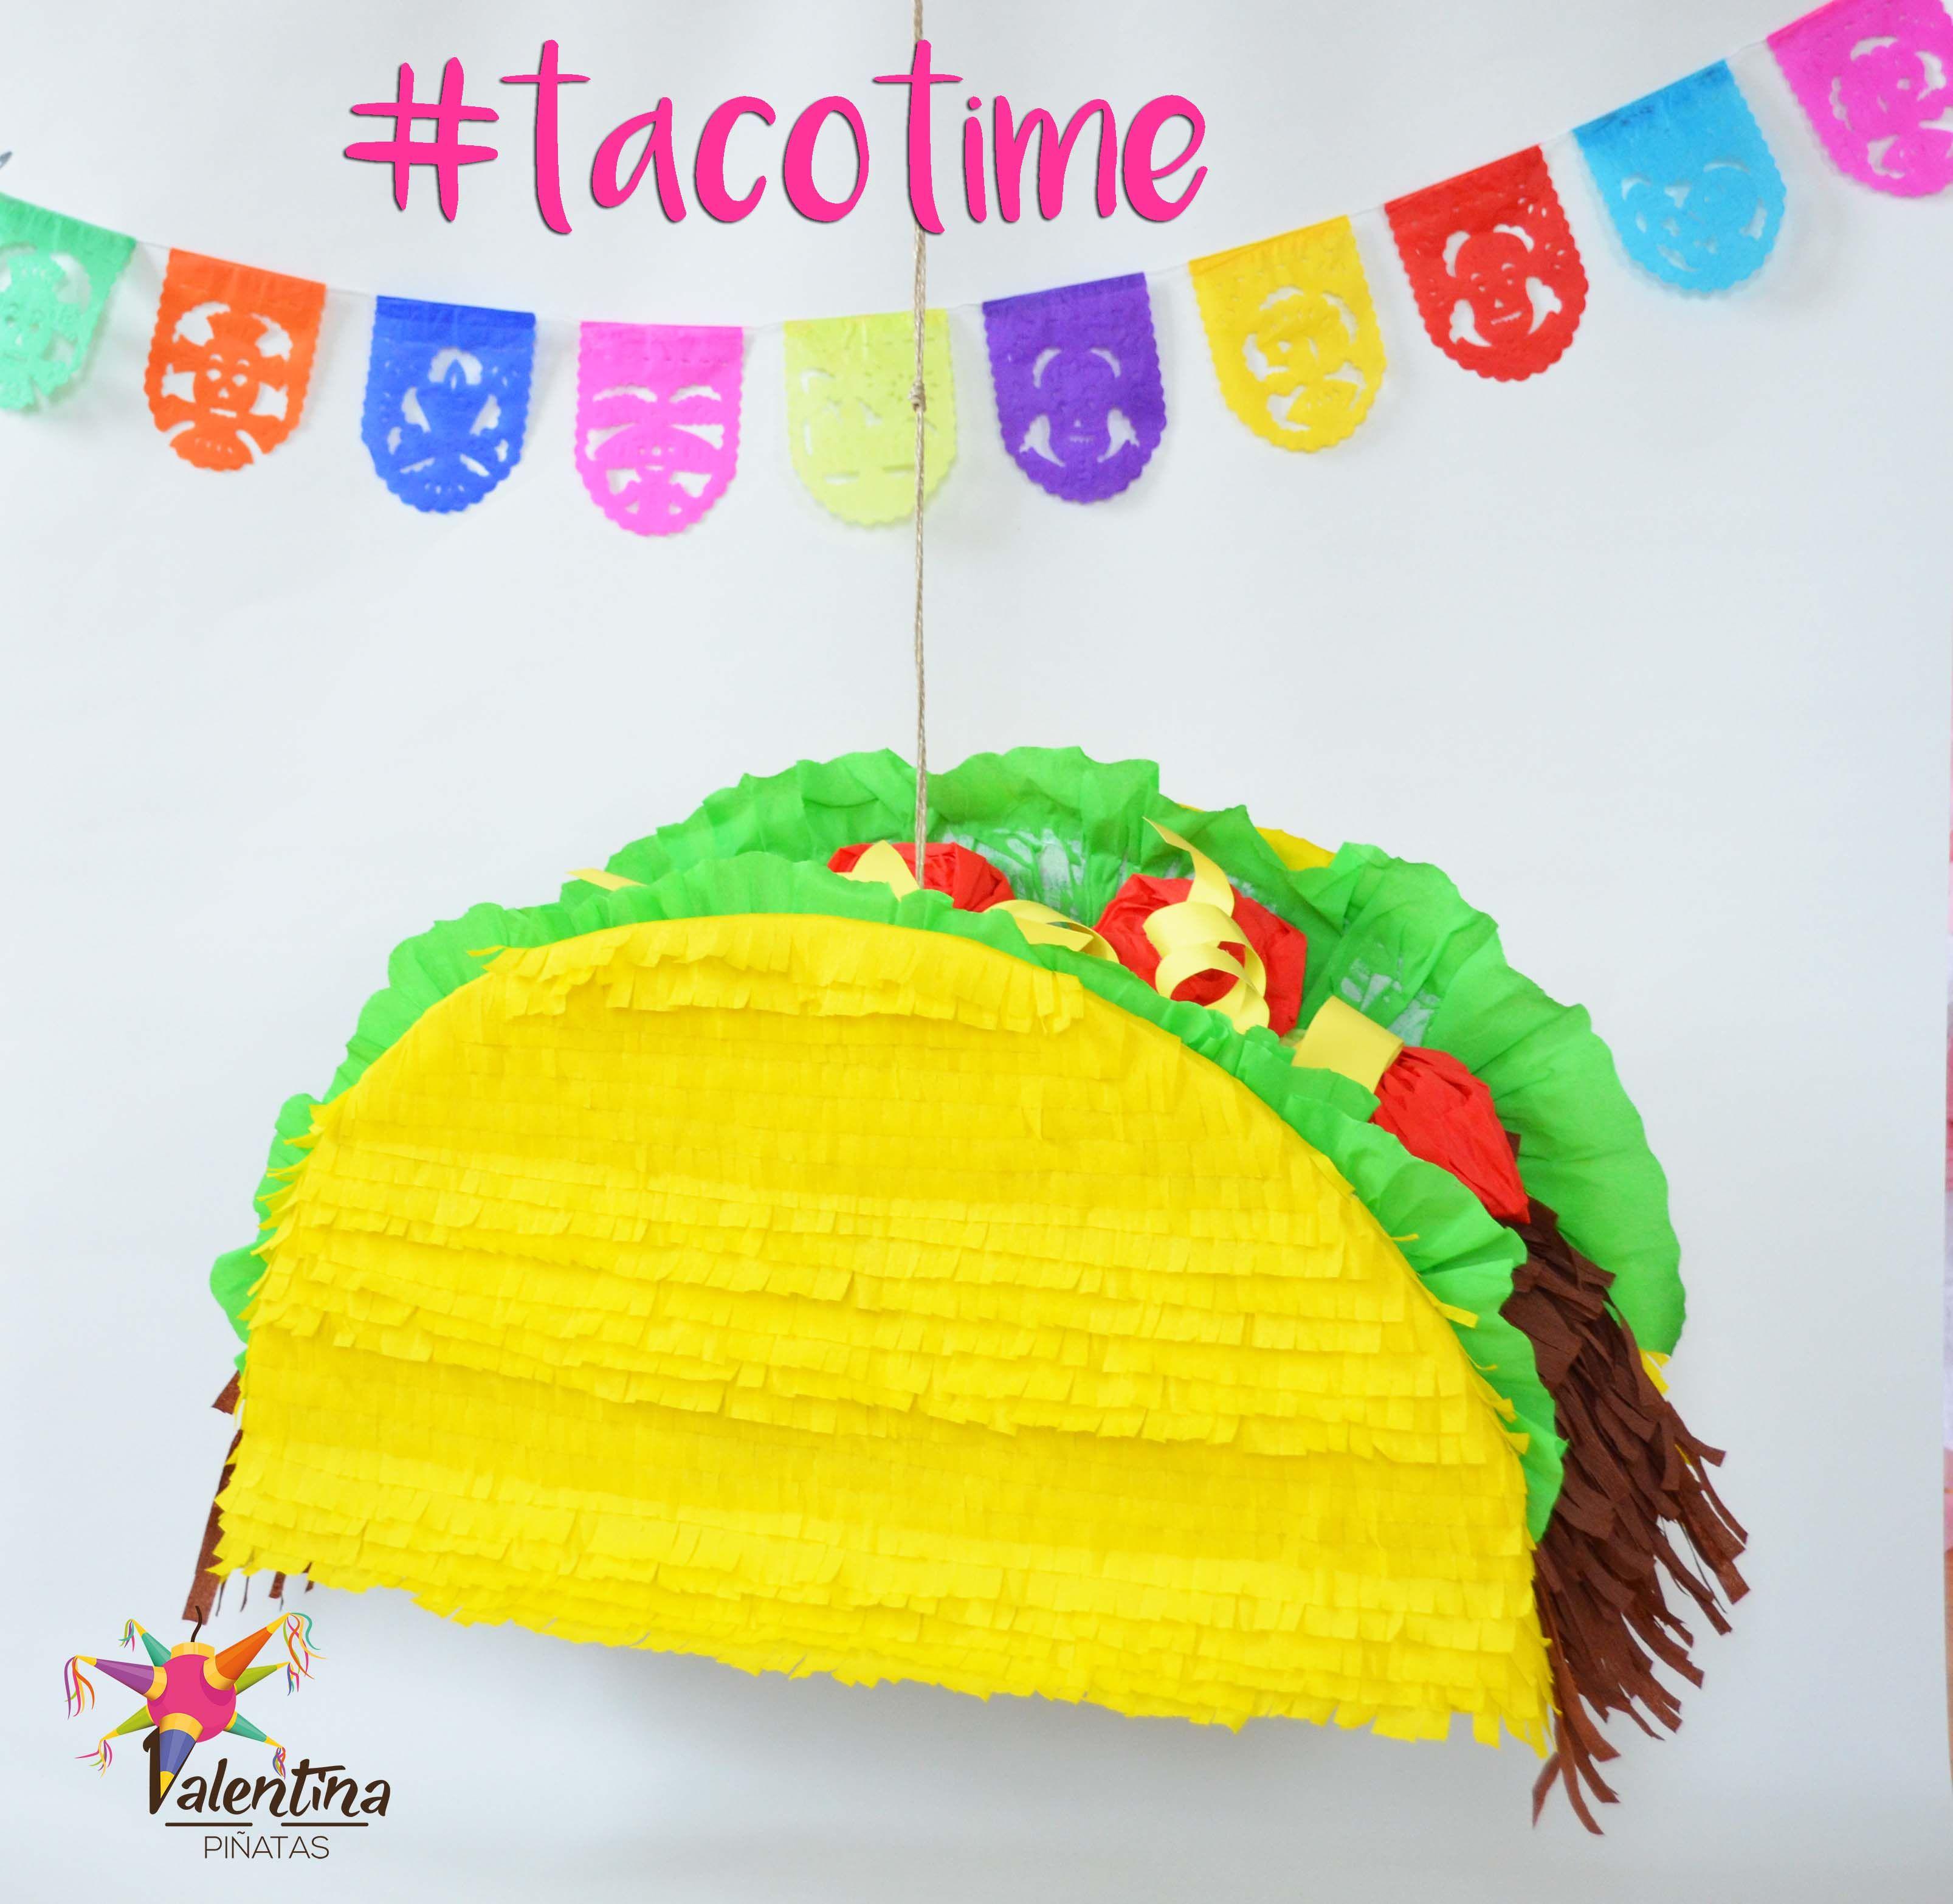 Taco Piñata -  Valentina Piñatas ♥ Ihr kreatives Team mit frischen Ideen. Die schönsten Piñatas in Deutschland! In DE handgemacht mir einer fairen und umweltbewusste Herstellung!